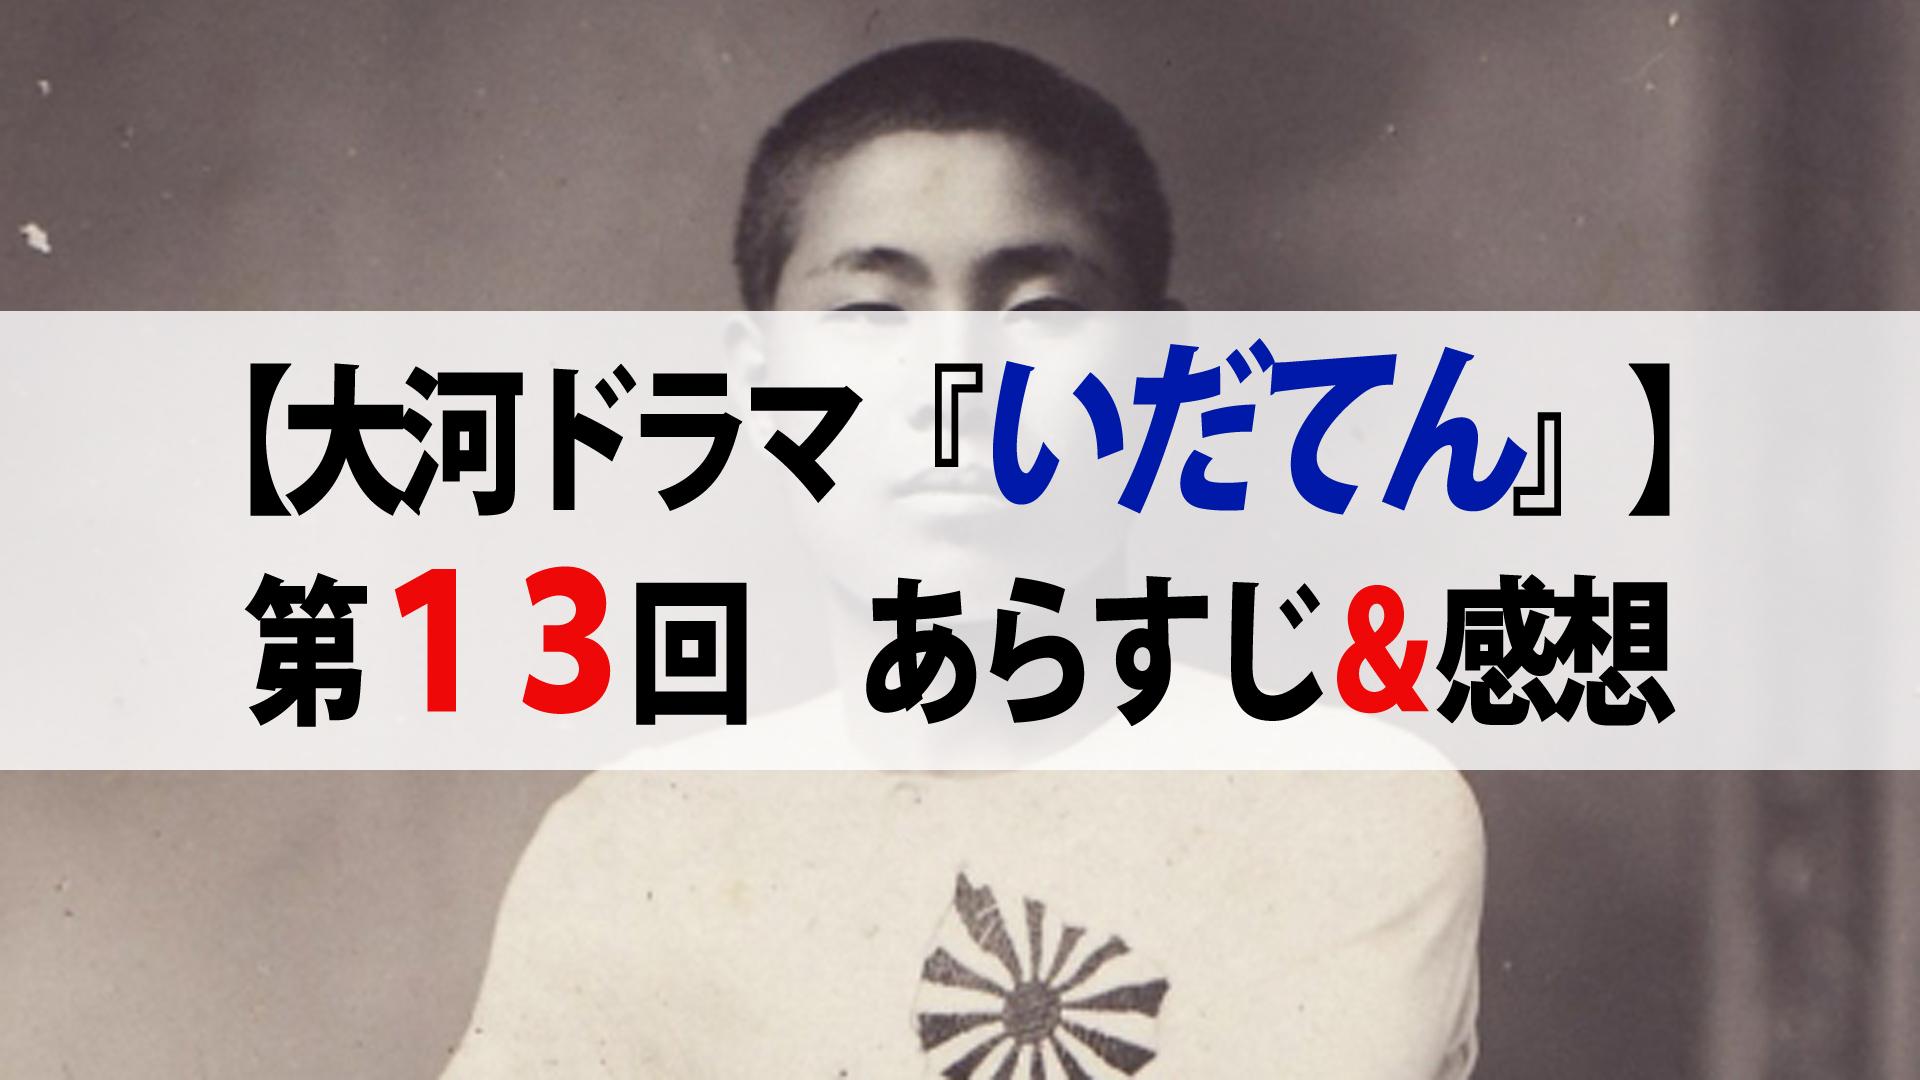 大河ドラマ『いだてん』第13回『復活』